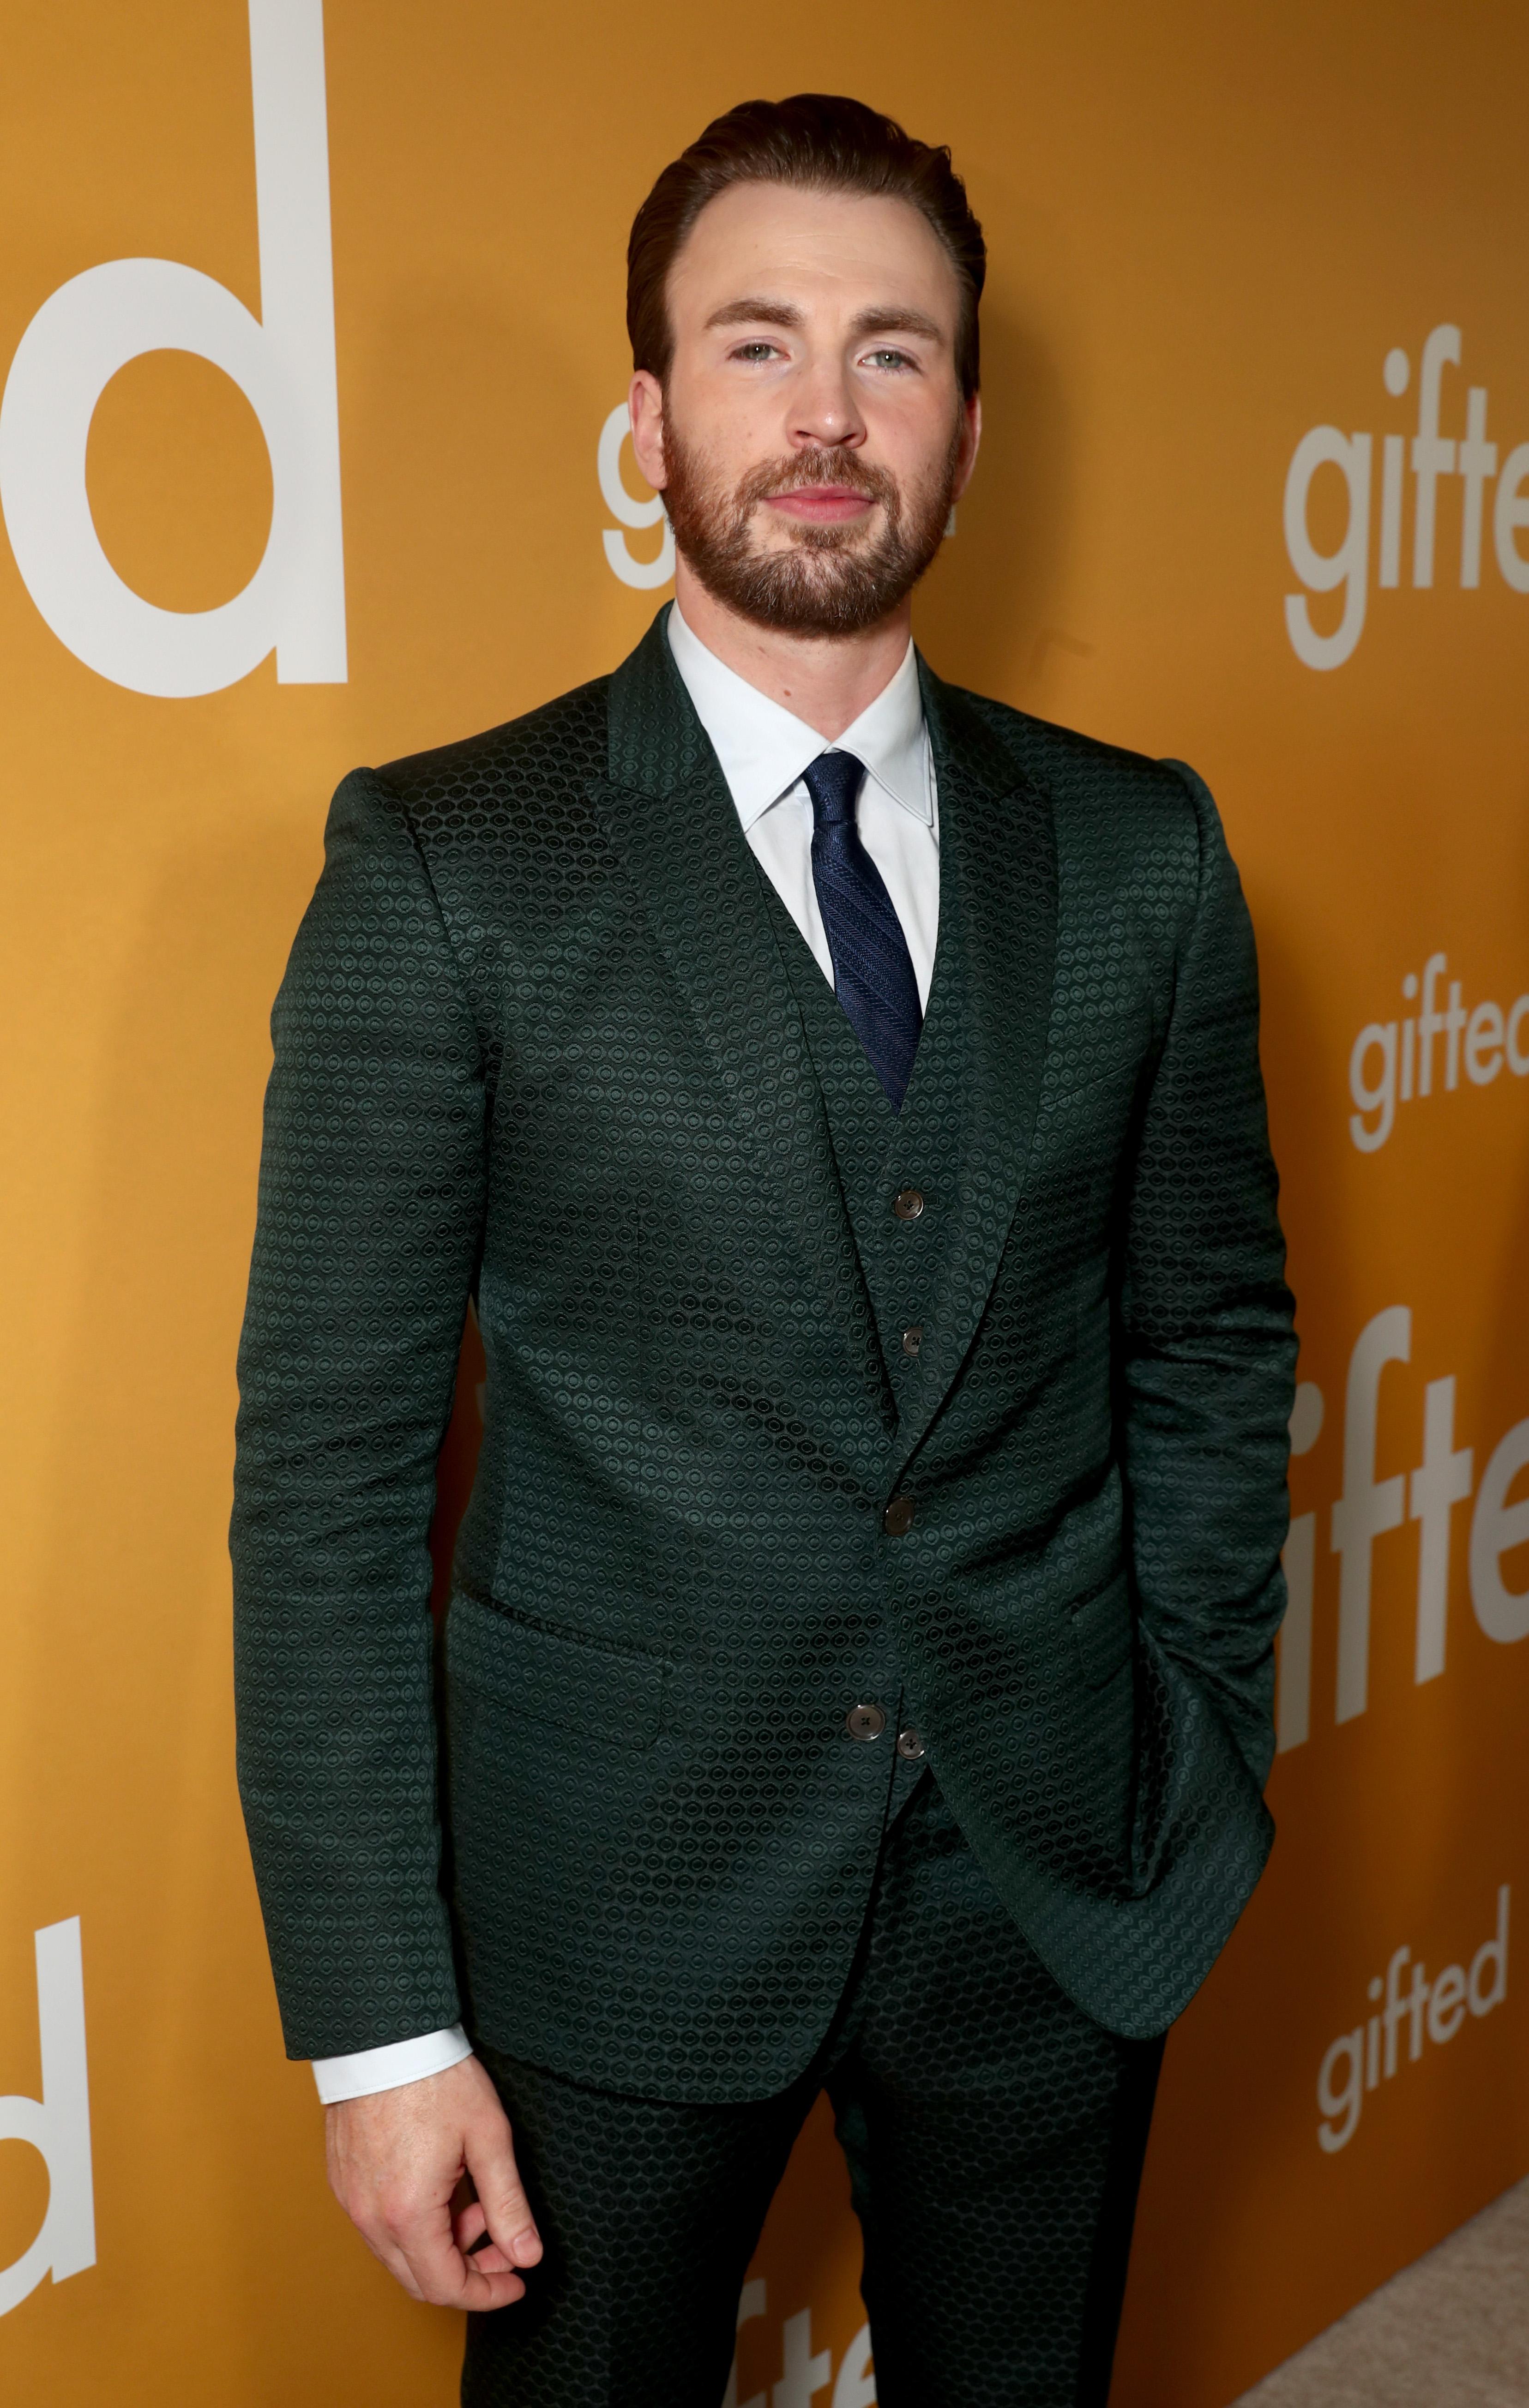 Chris Evans posando para foto em carpet com terno em tom de verde escuro e camisa branca; o ator sorri levemente com uma das mãos no bolso